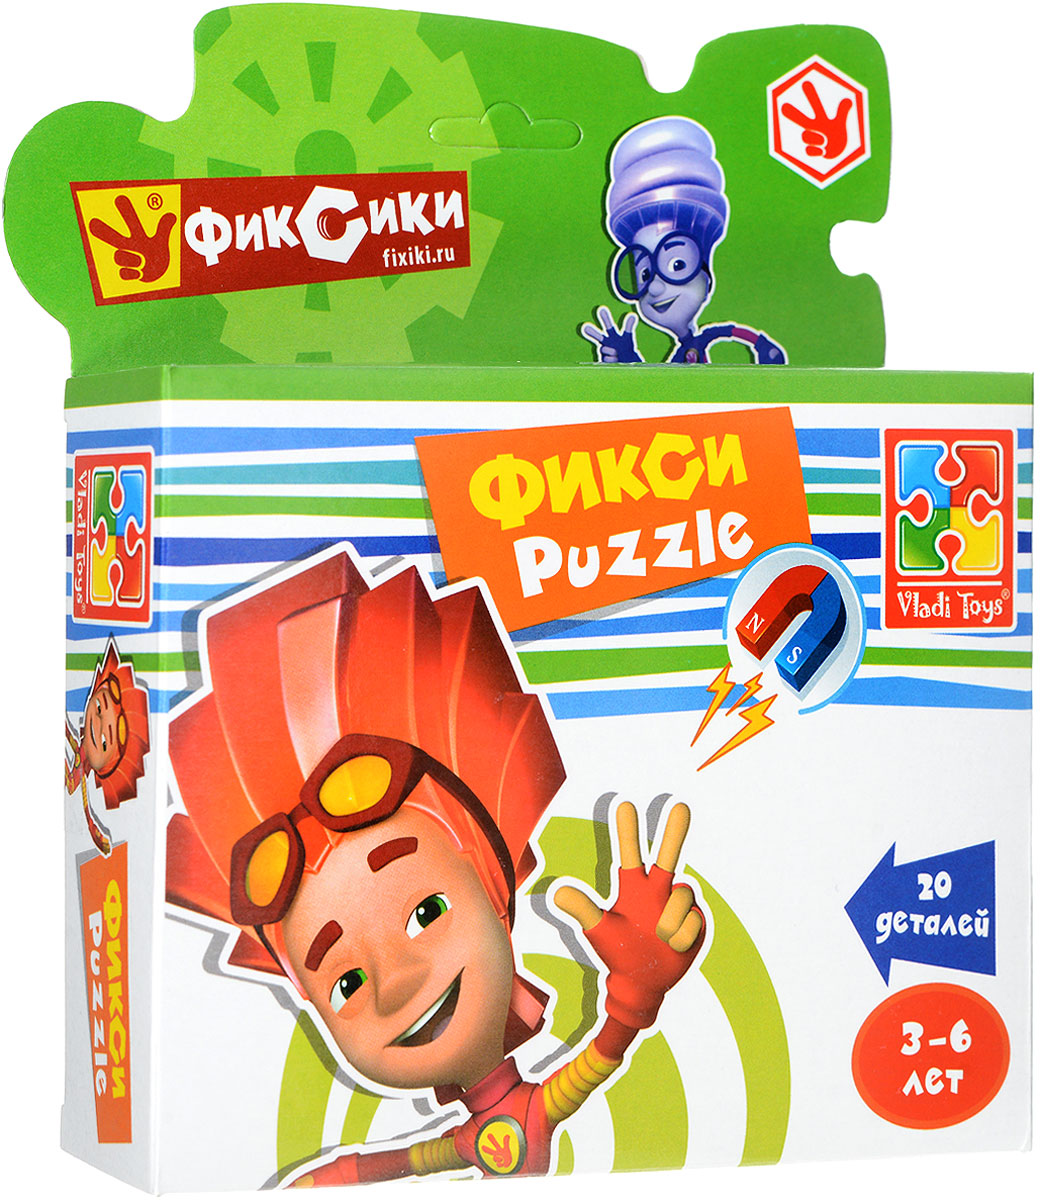 Vladi Toys Пазл для малышей Фиксики Файер фиксики настольная игра поле пазл тыдыщь в подарок мини пазл 20 элементов фиксики